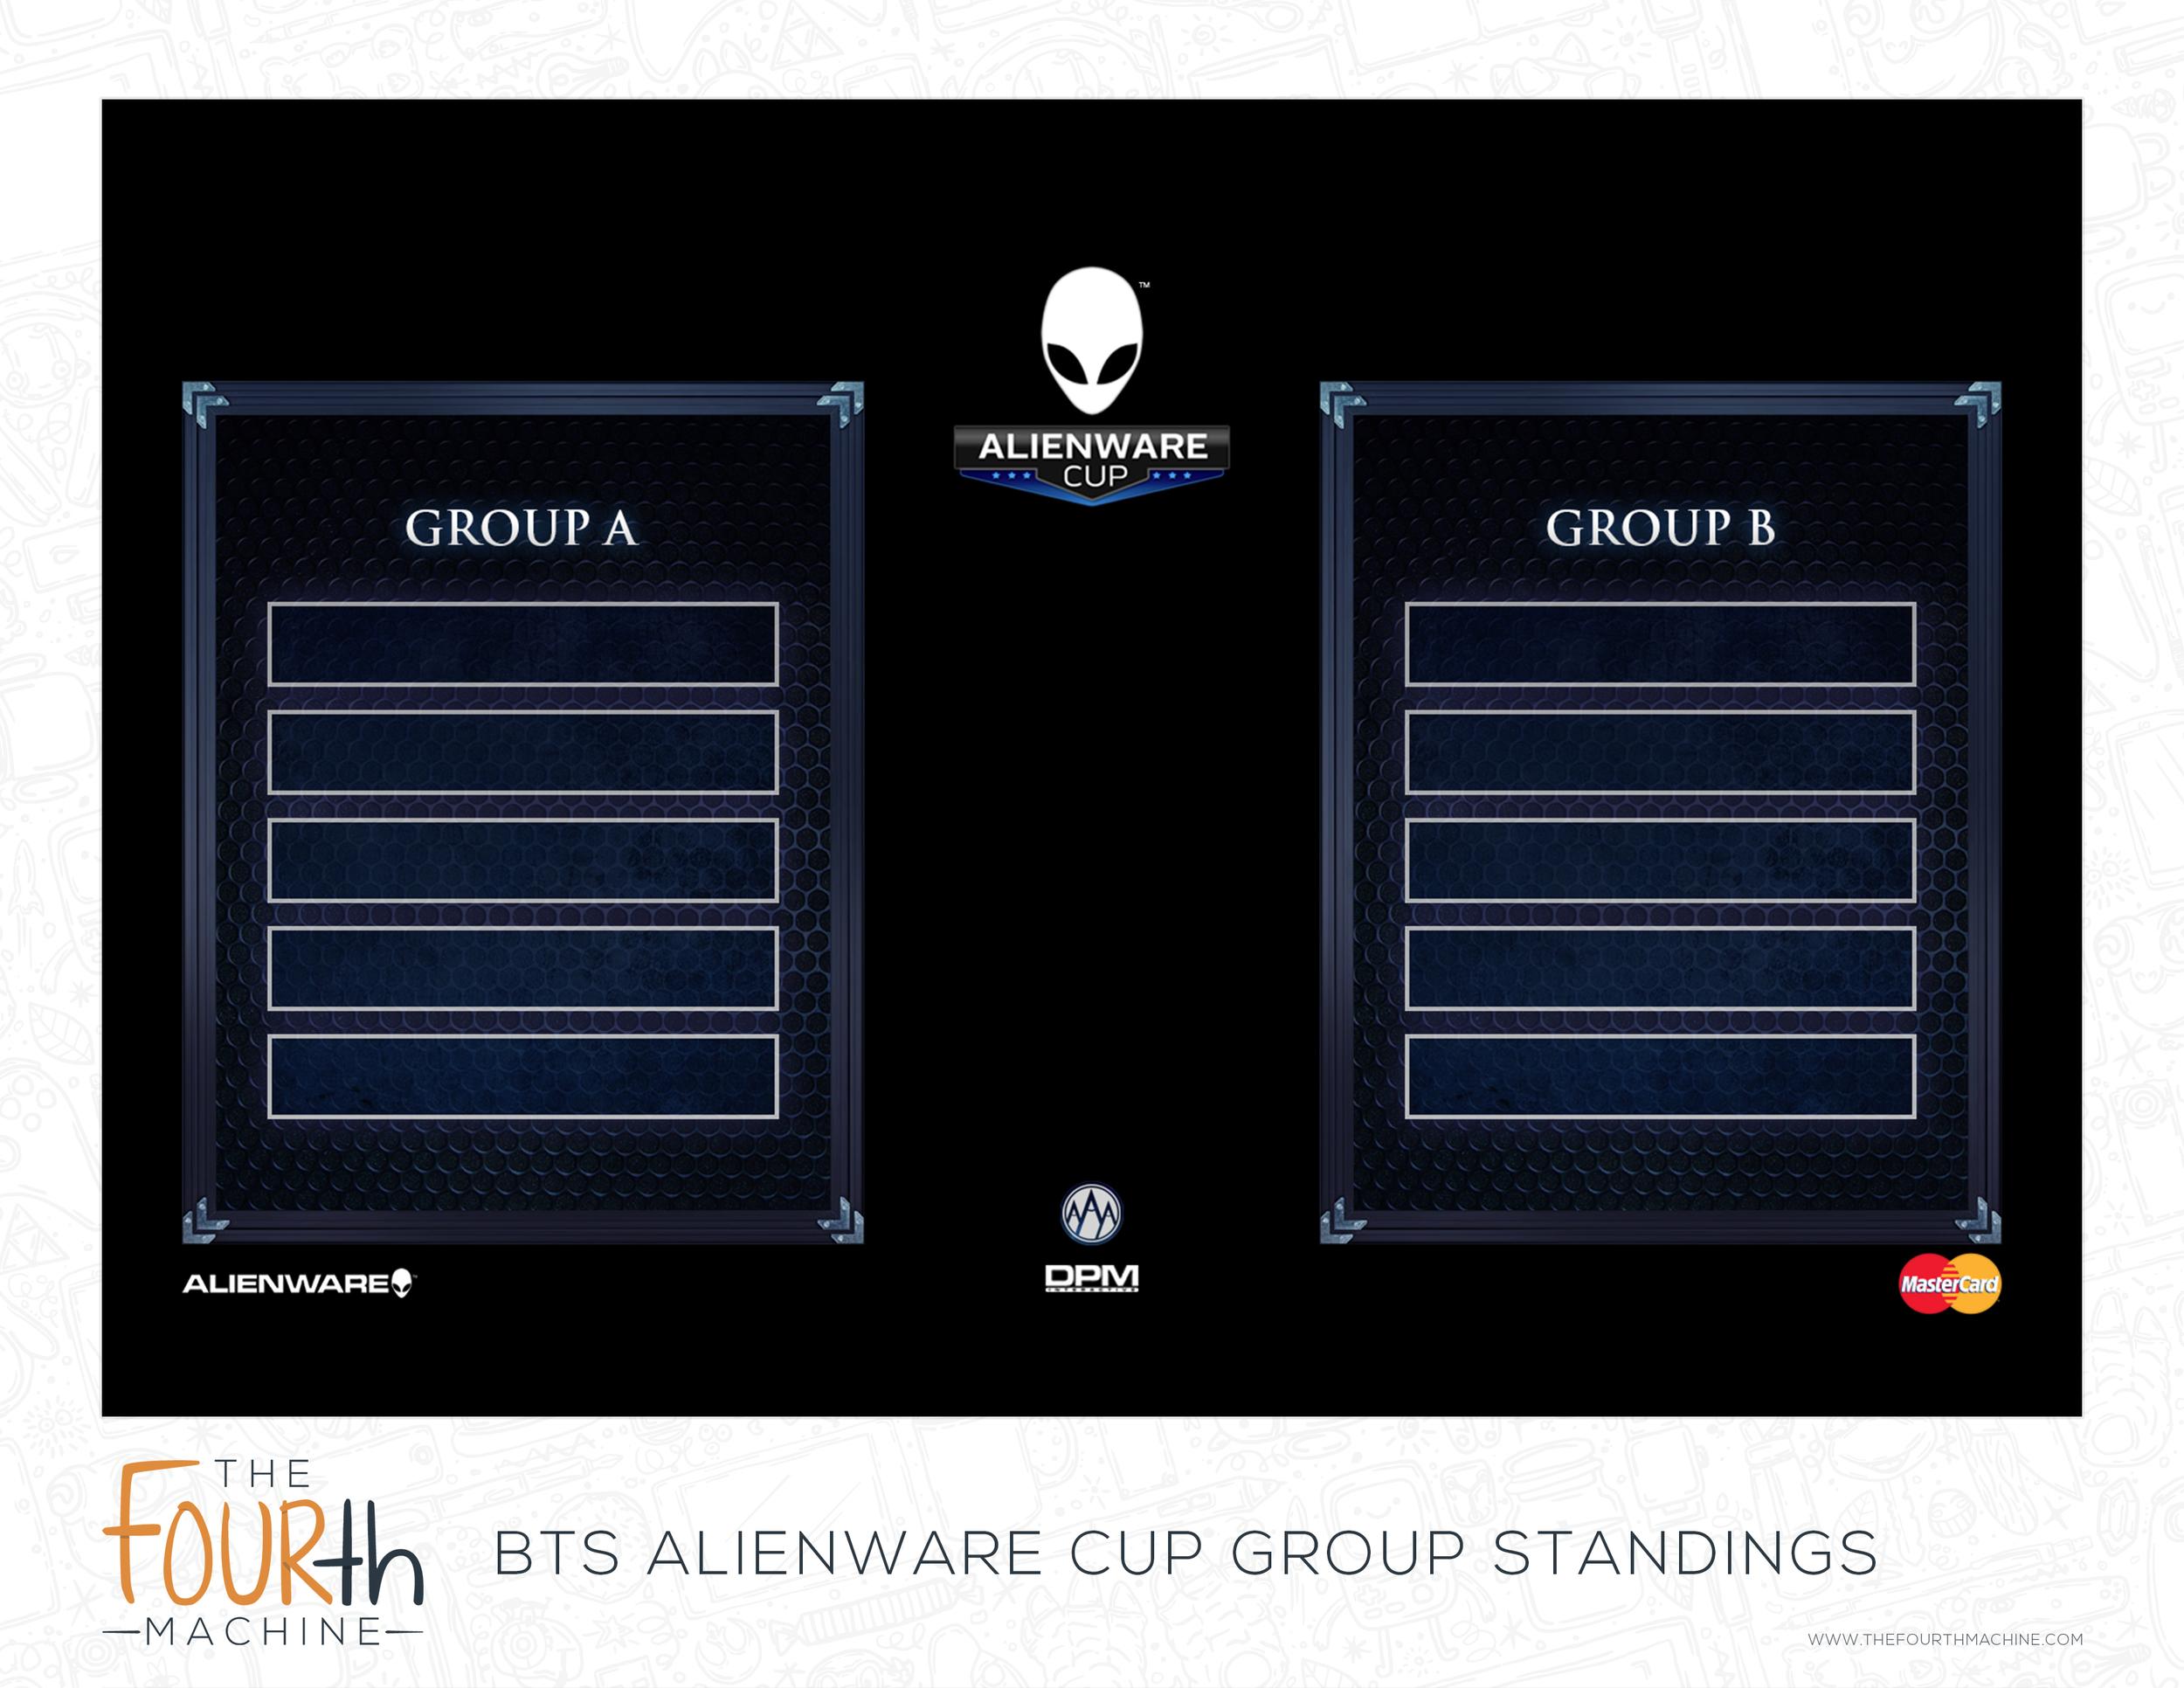 BTS_Alienware_Cup_Group_Standings.jpg